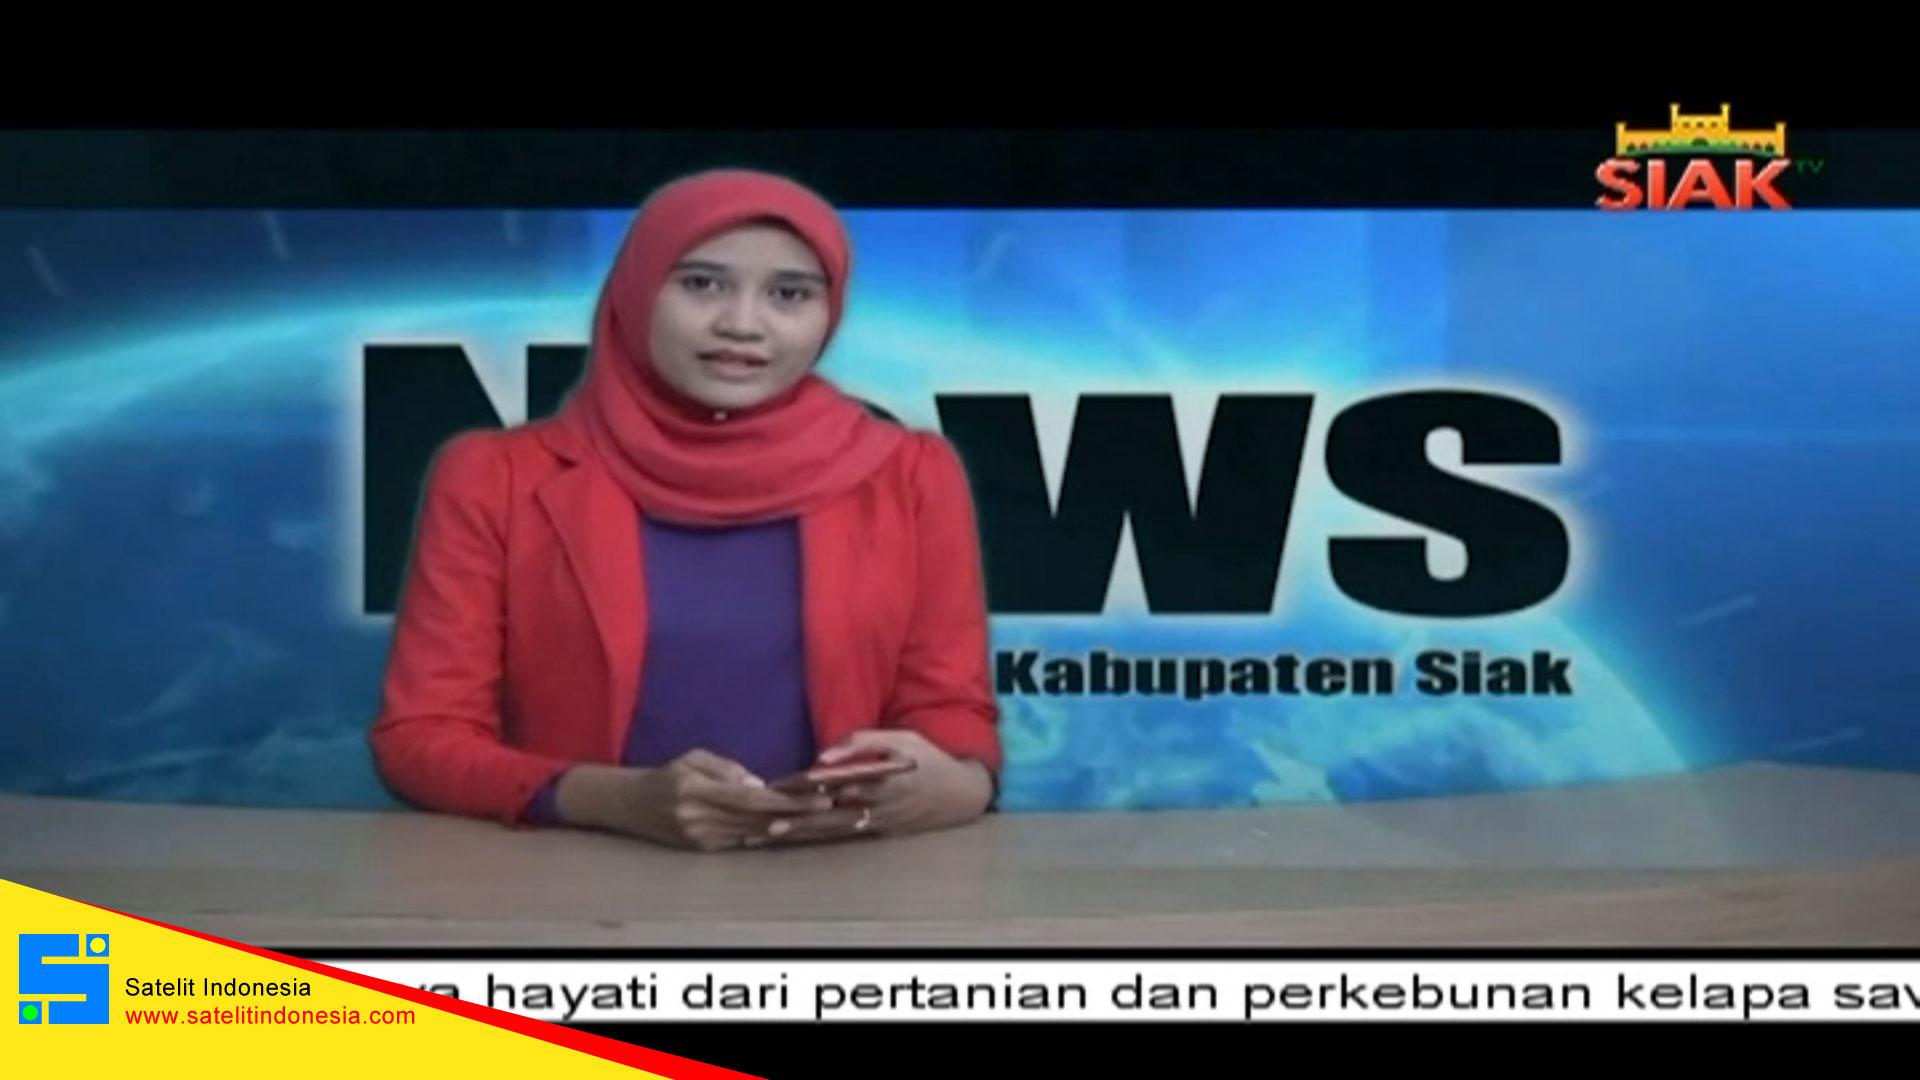 Frekuensi siaran Siak TV di satelit ChinaSat 11 Terbaru